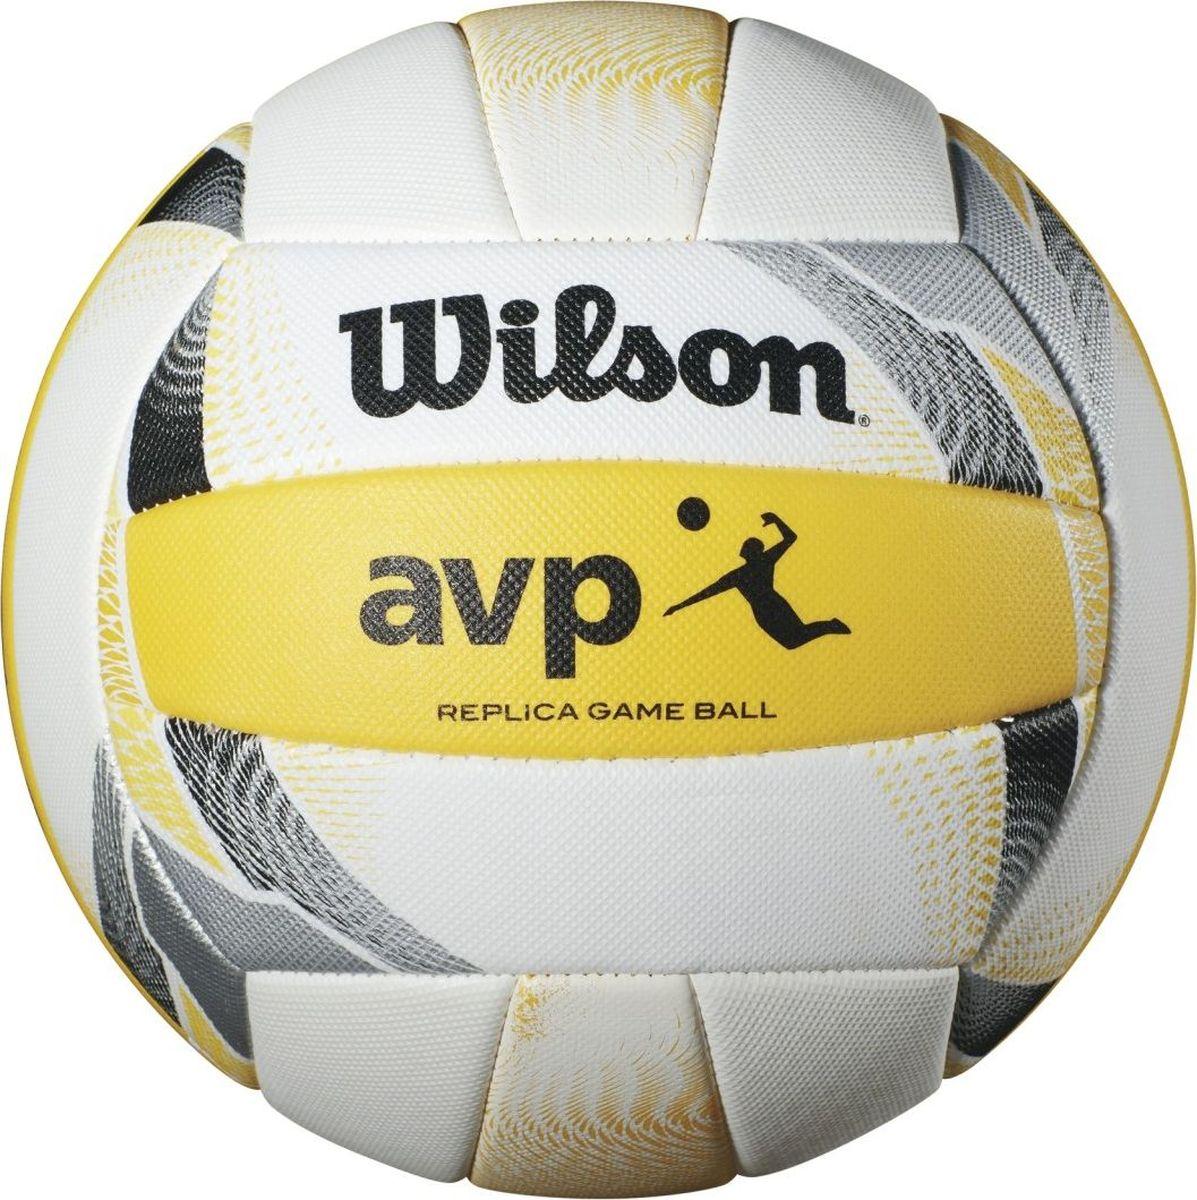 Мяч волейбольный Wilson AVP II Replica, цвет: белый, желтый324214Премимум серия Replicа, созданная специально для профессиональной лиги пляжного волейбола. Текстурное кожаное покрытие для повышенной износостойкости и невероятного ощущения. 18-панельная шовная констуркция для сохранения формы мяча.